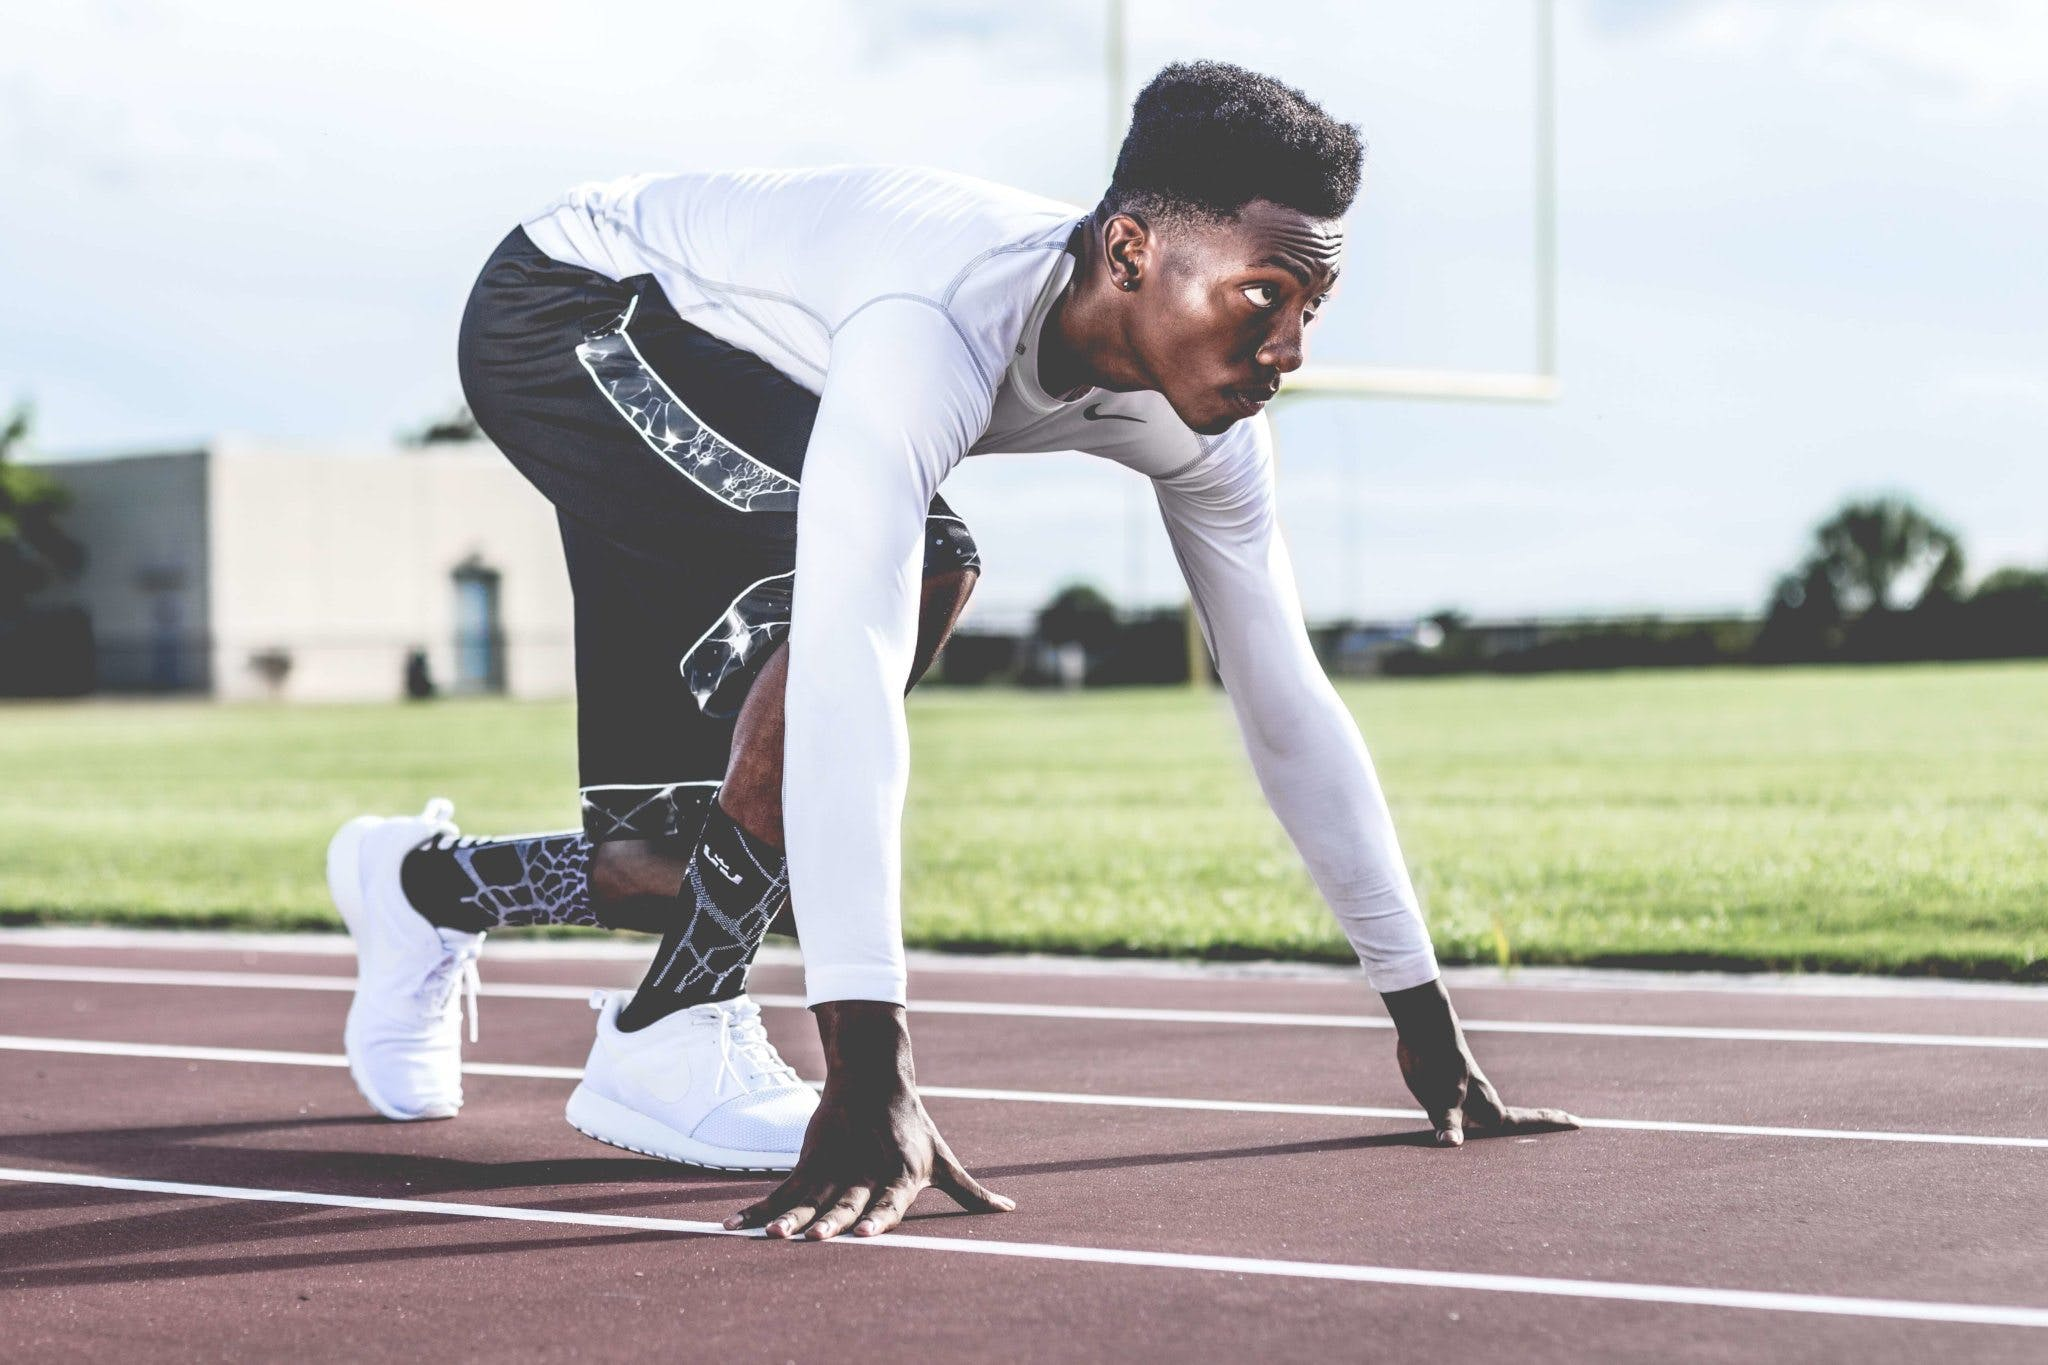 Δωρεάν στοκ φωτογραφιών με sprint, αγώνας δρόμου, αγωνίσματα στίβου, αθλητής